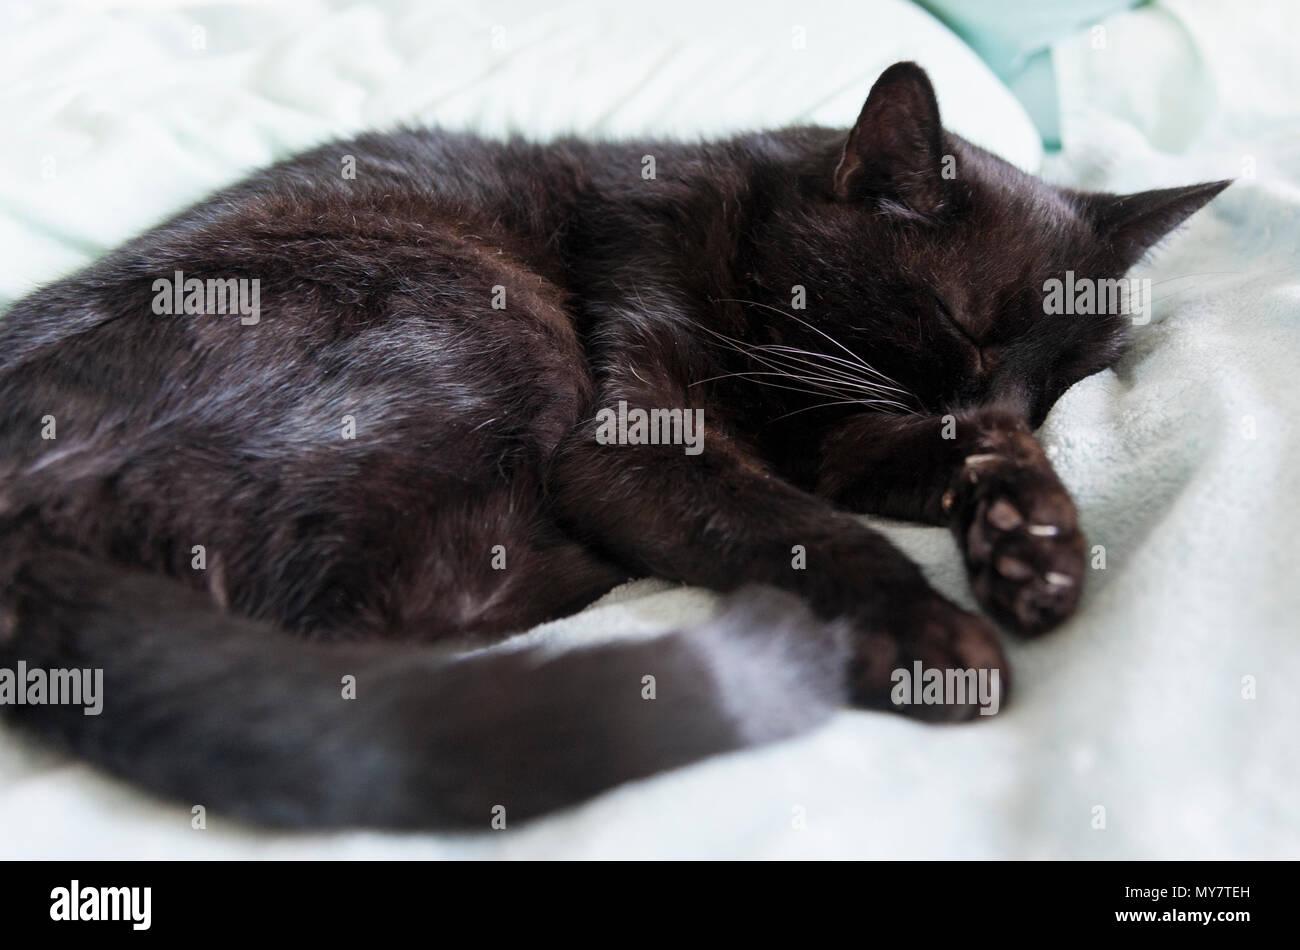 Rescate Viejo gato durmiendo en la comodidad. Imagen De Stock